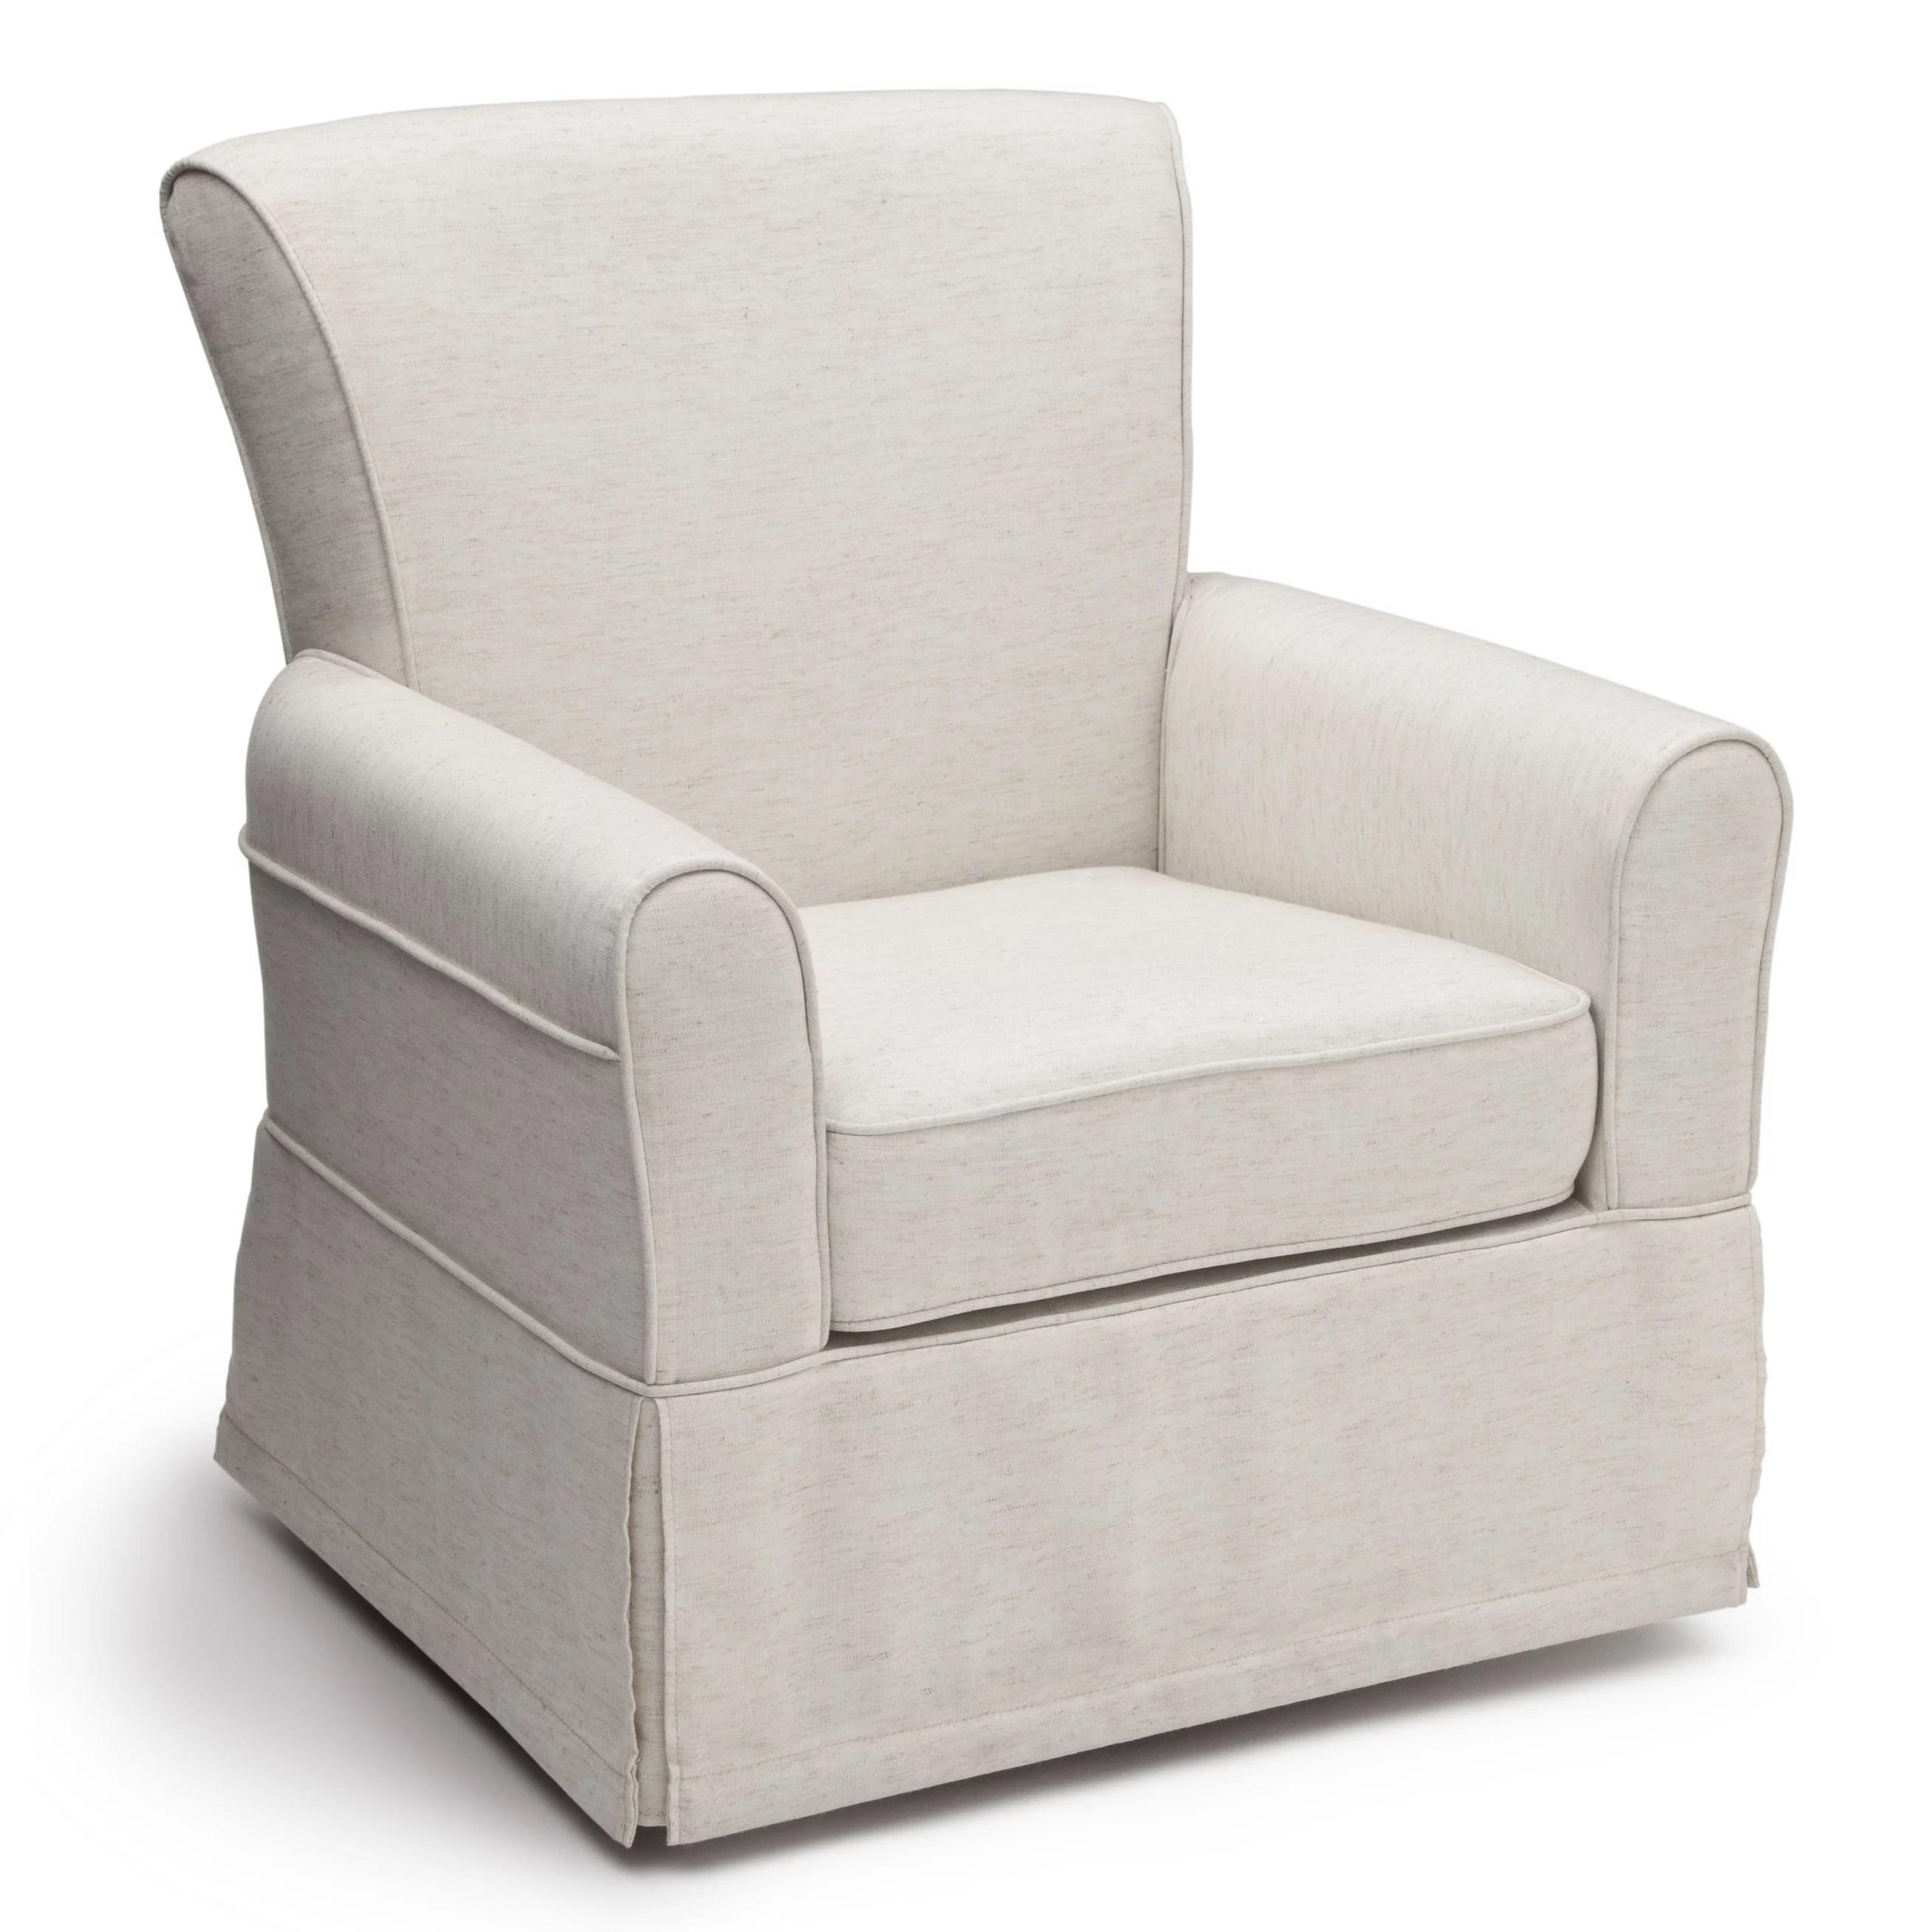 Delta Children Epic Nursery Glider Swivel Rocker Chair